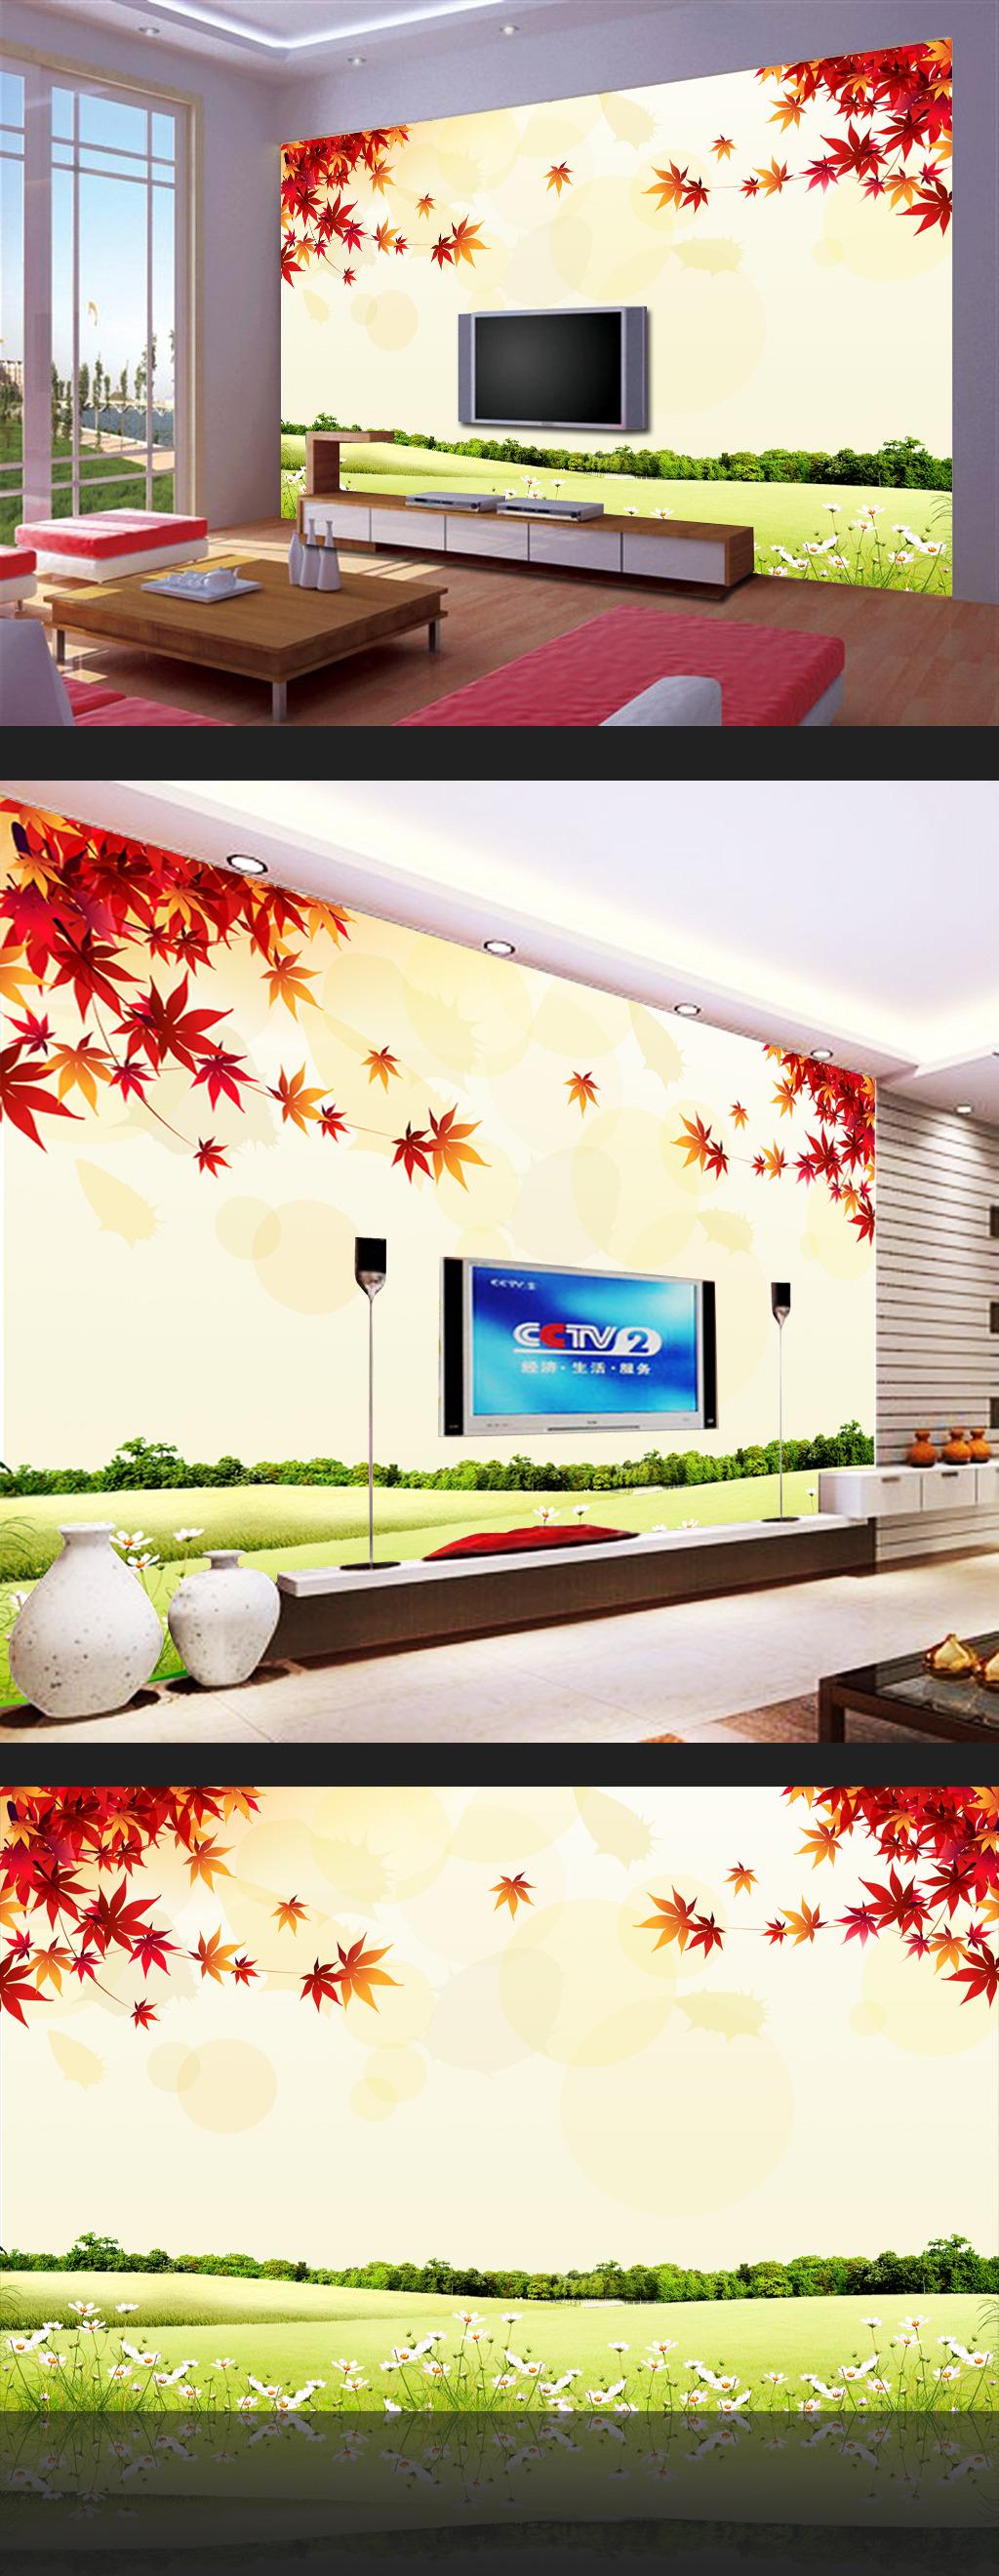 秋天枫叶风景电视背景墙